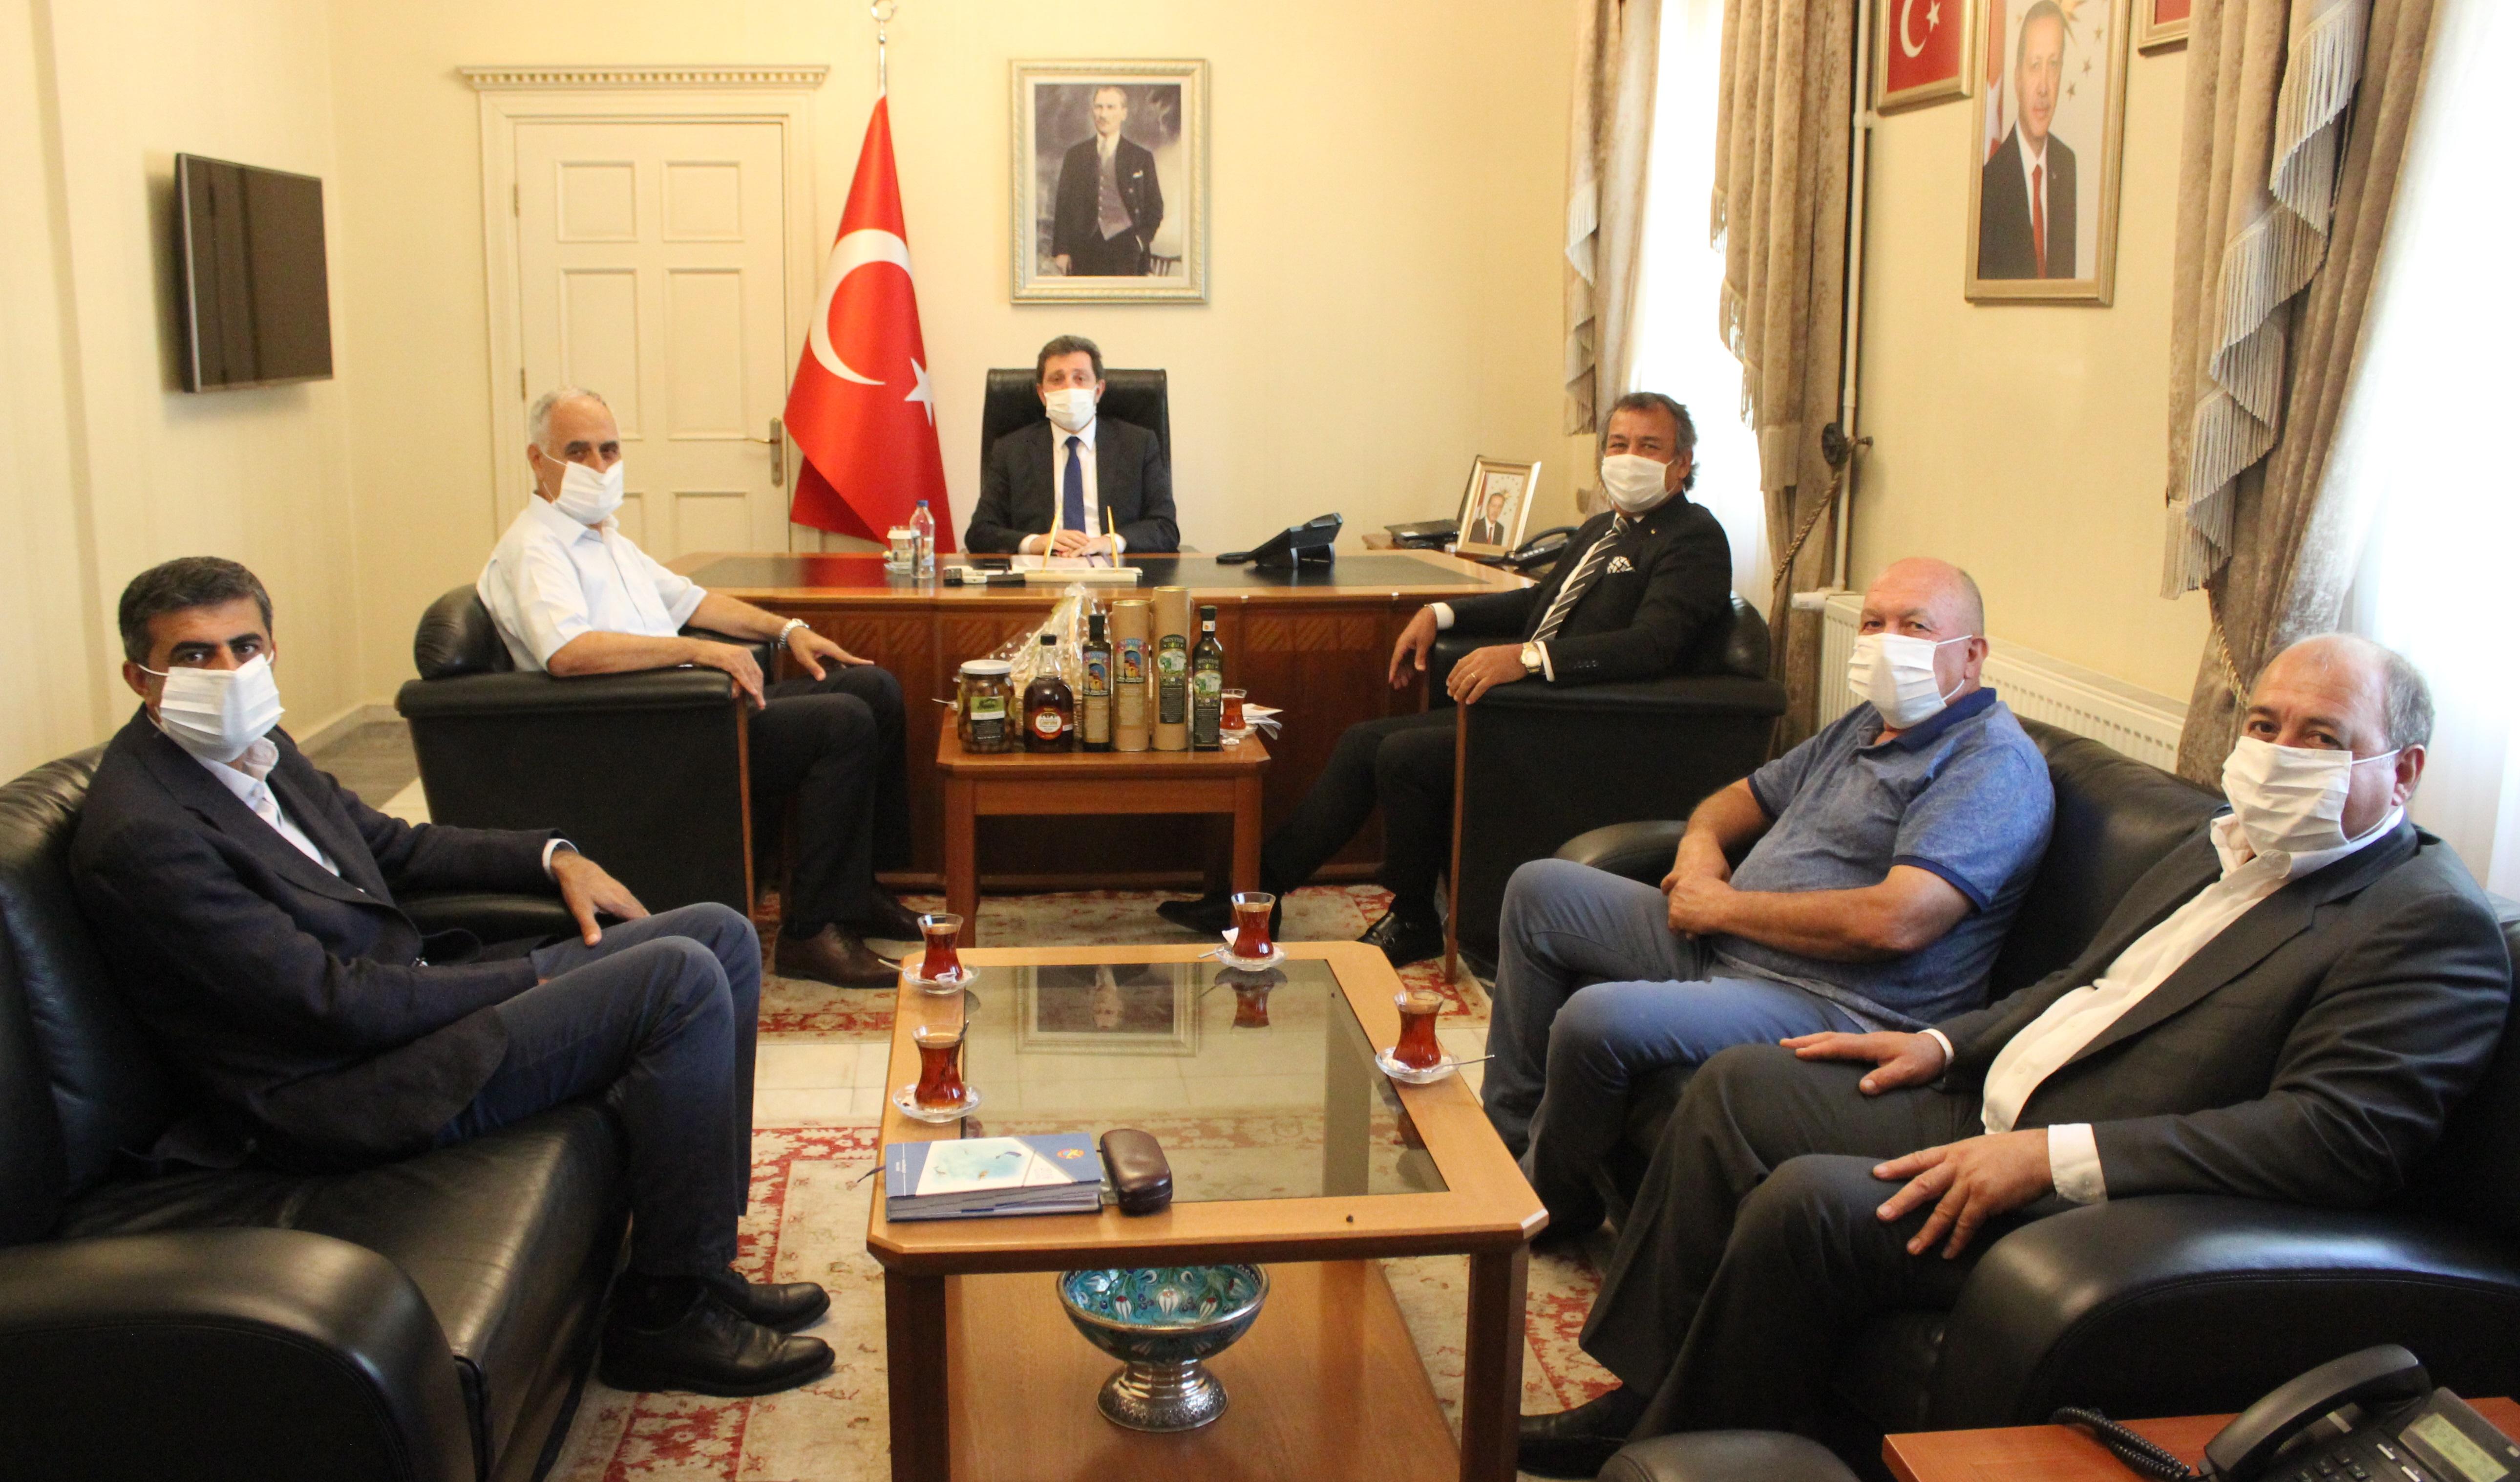 """MİTSO, yeni Muğla Valisi Orhan Tavlı'ya hoşgeldiniz dedi ve kutladı.  """"İLÇELER MUĞLA OLARAK BÜTÜNLEŞMELİ"""